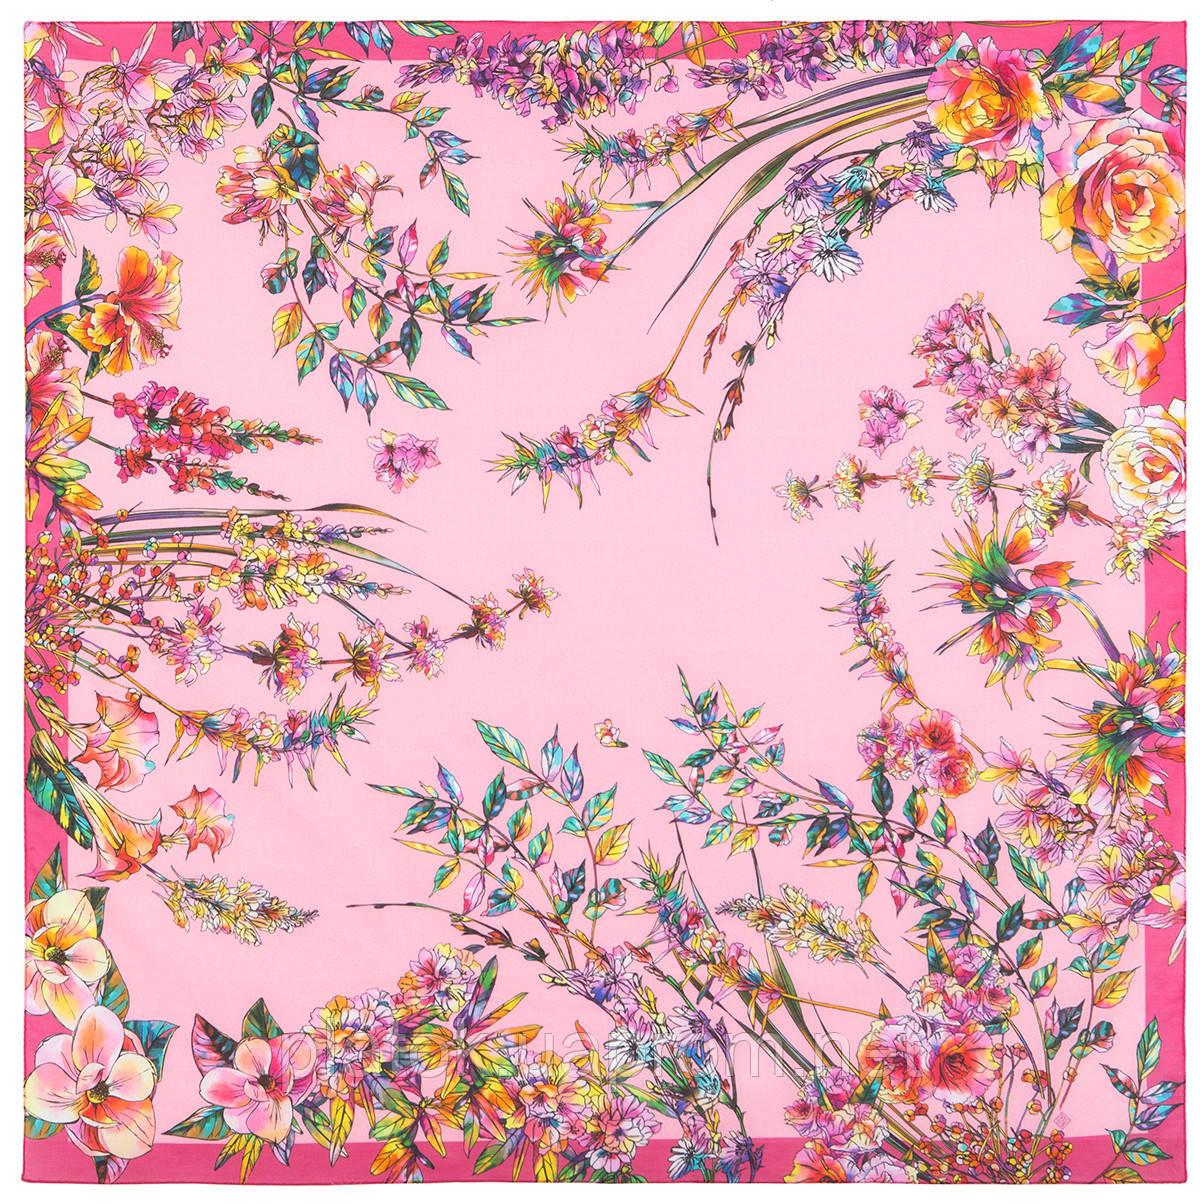 Платок  хлопковый 10602-3, павлопосадский платок хлопковый (батистовый) с швом зиг-заг